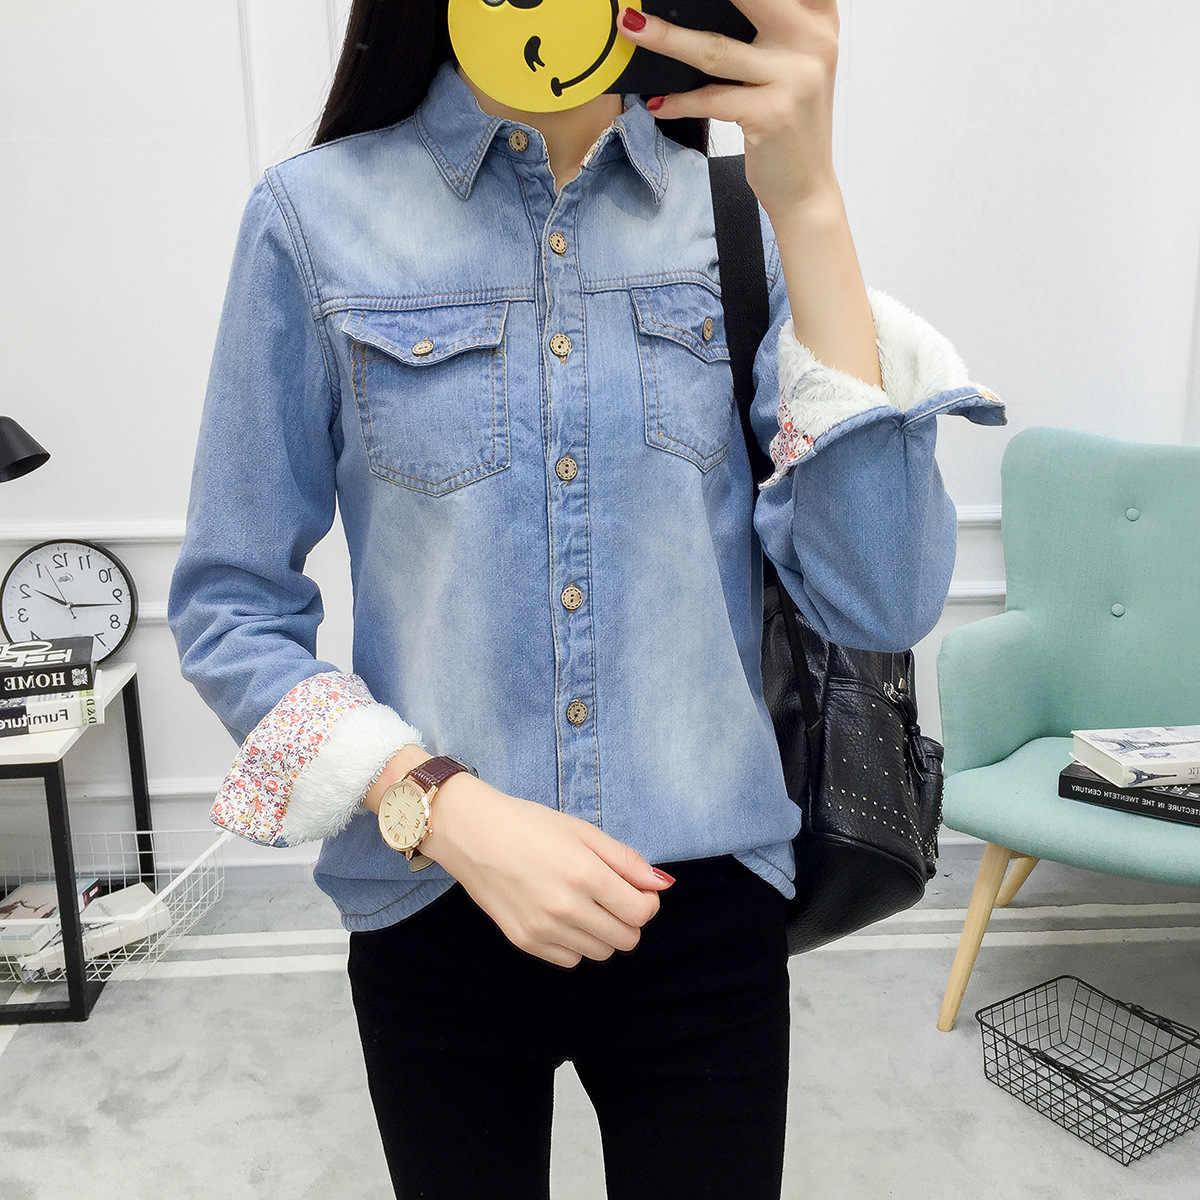 נשים חם חורף בתוספת Velet ינס חולצות קוריאני קלאסי כחול עבה ארוך שרוול ג 'ינס חולצה נשי תורו למטה צווארון בסיסי Blusa